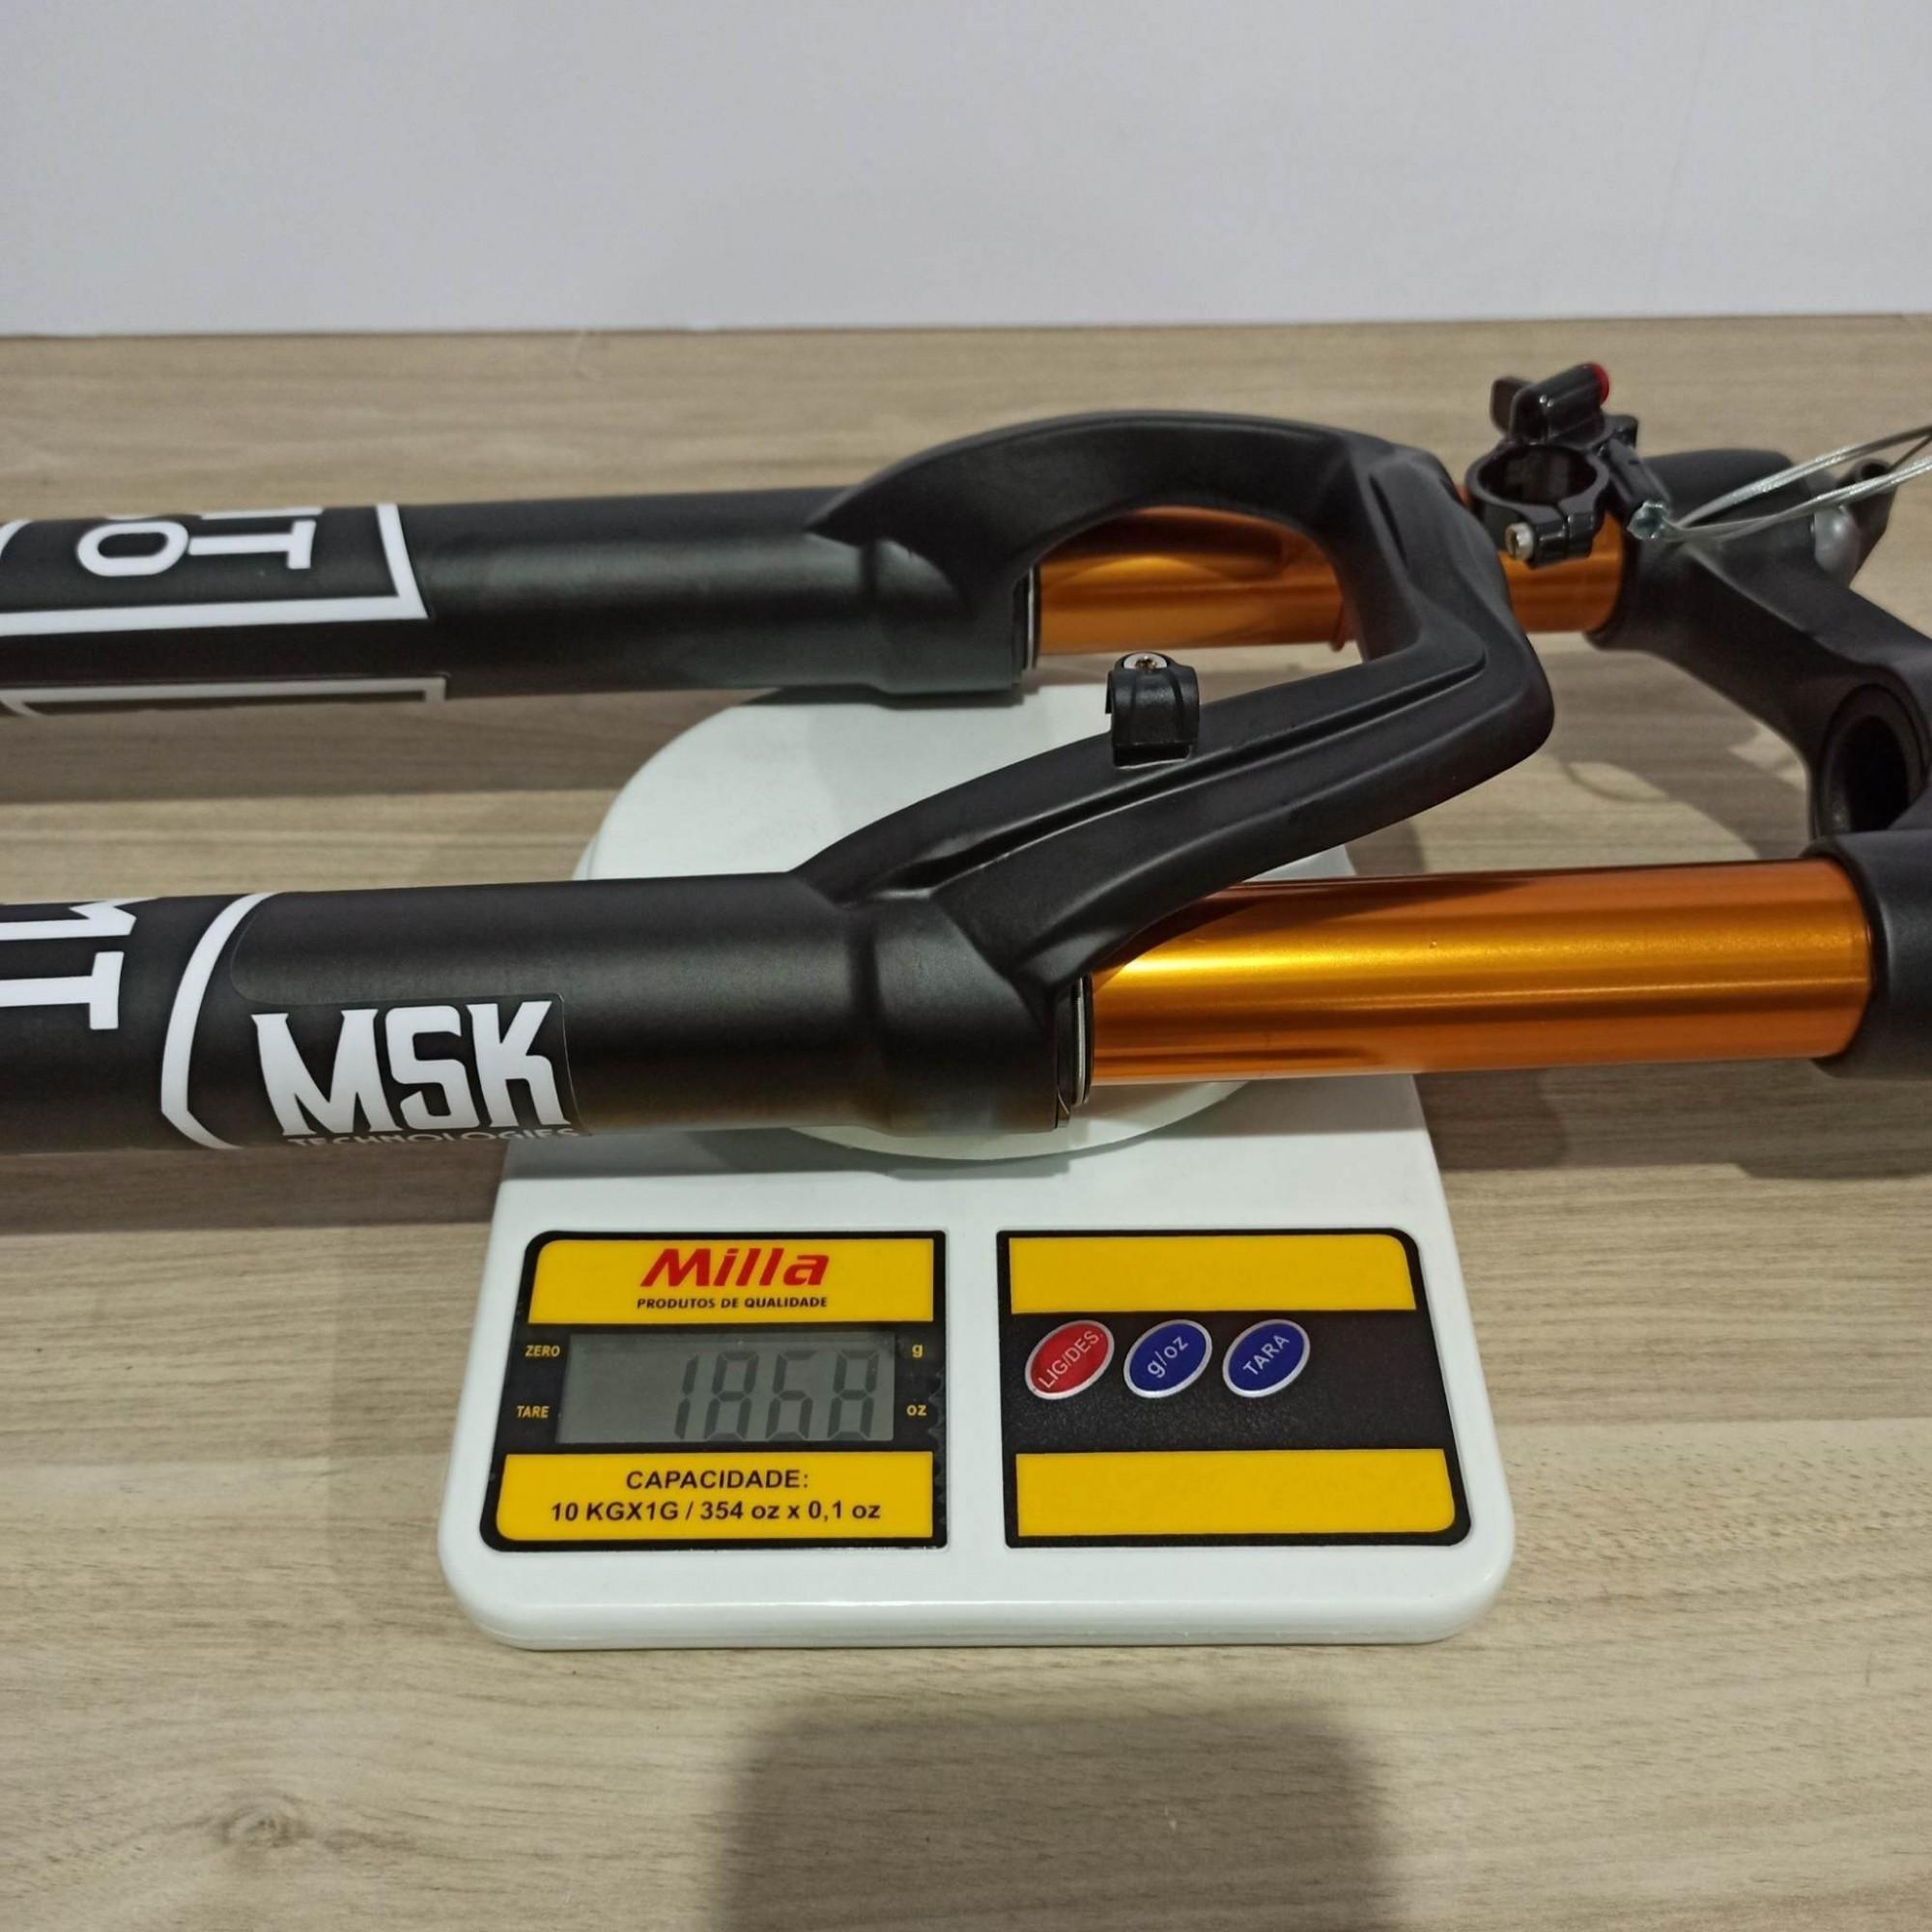 Suspensão 29 MASTERSHOCK MT-30 Tapered - Eixo 15 mm BOOST - Com Trava no Guidão - SEM Regulagem de Retorno - Preto Fosco